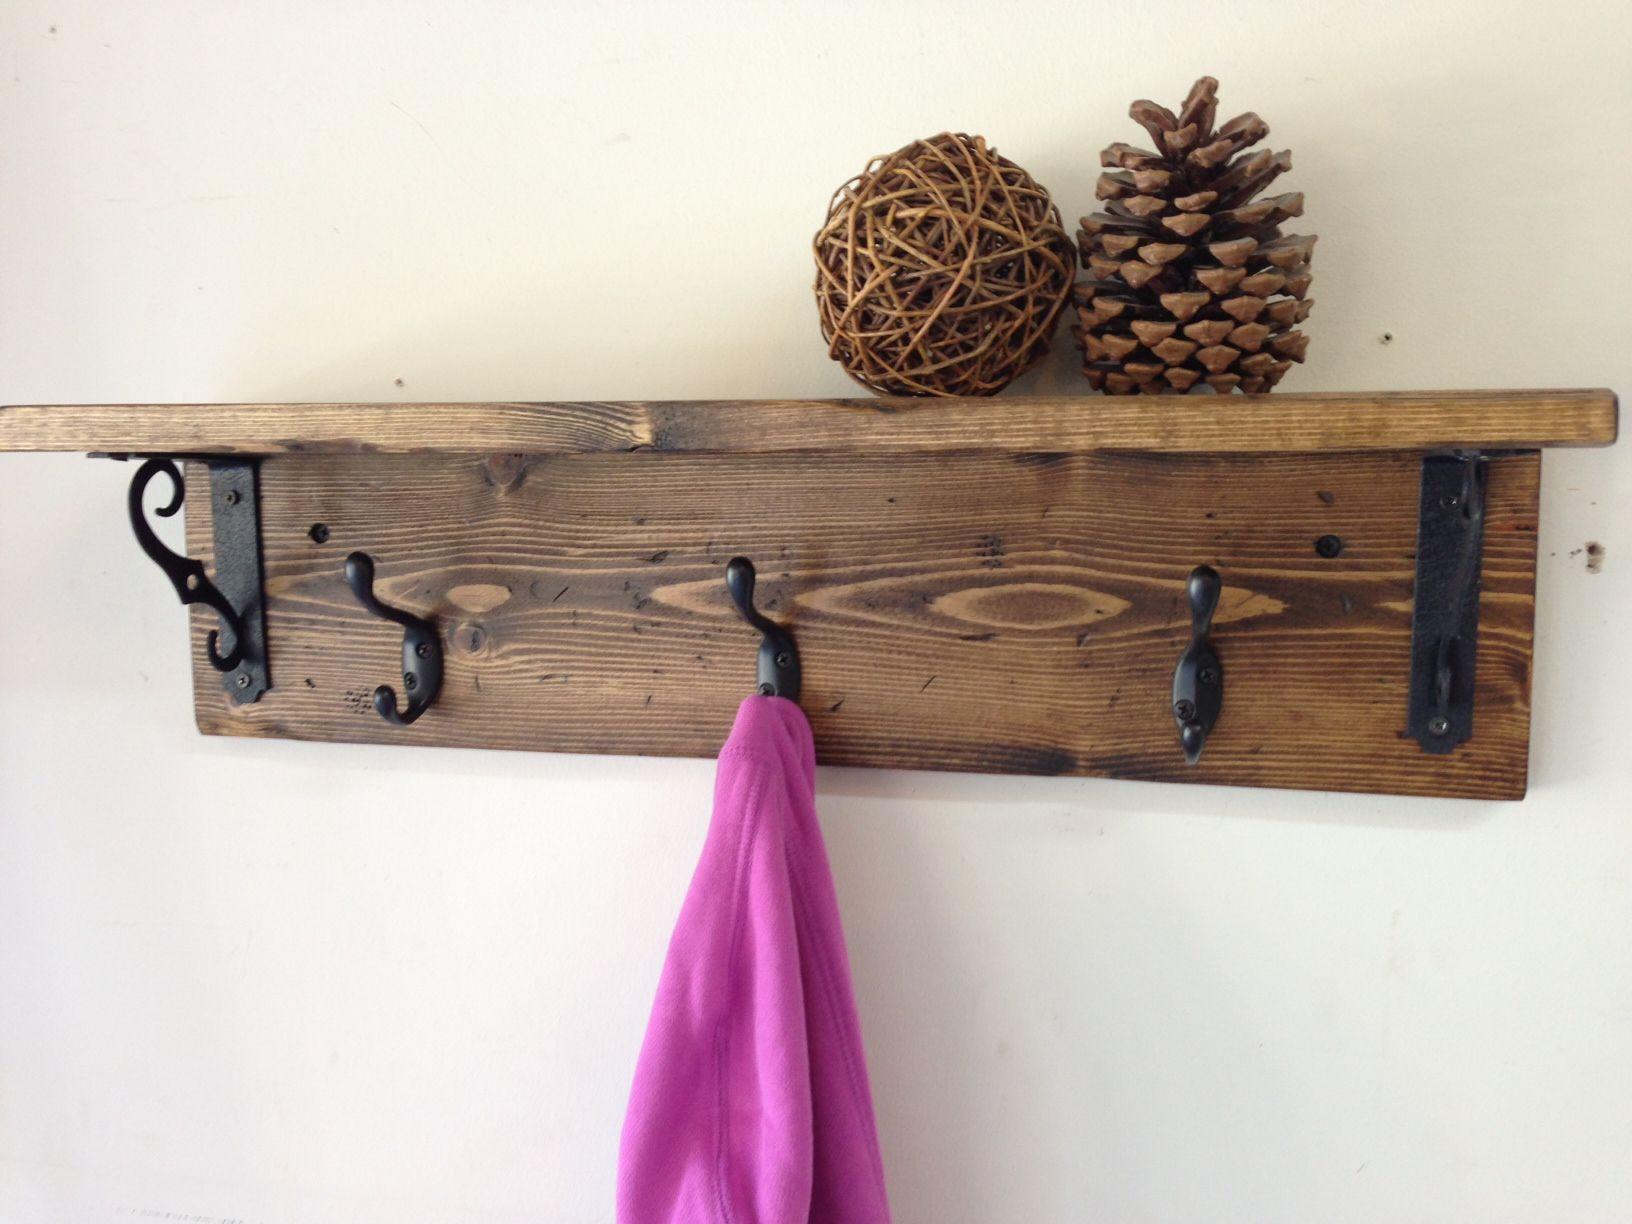 DIY Wall Mounted Coat Rack With Shelf  Handmade wall mount rustic wood coat rack with shelf A